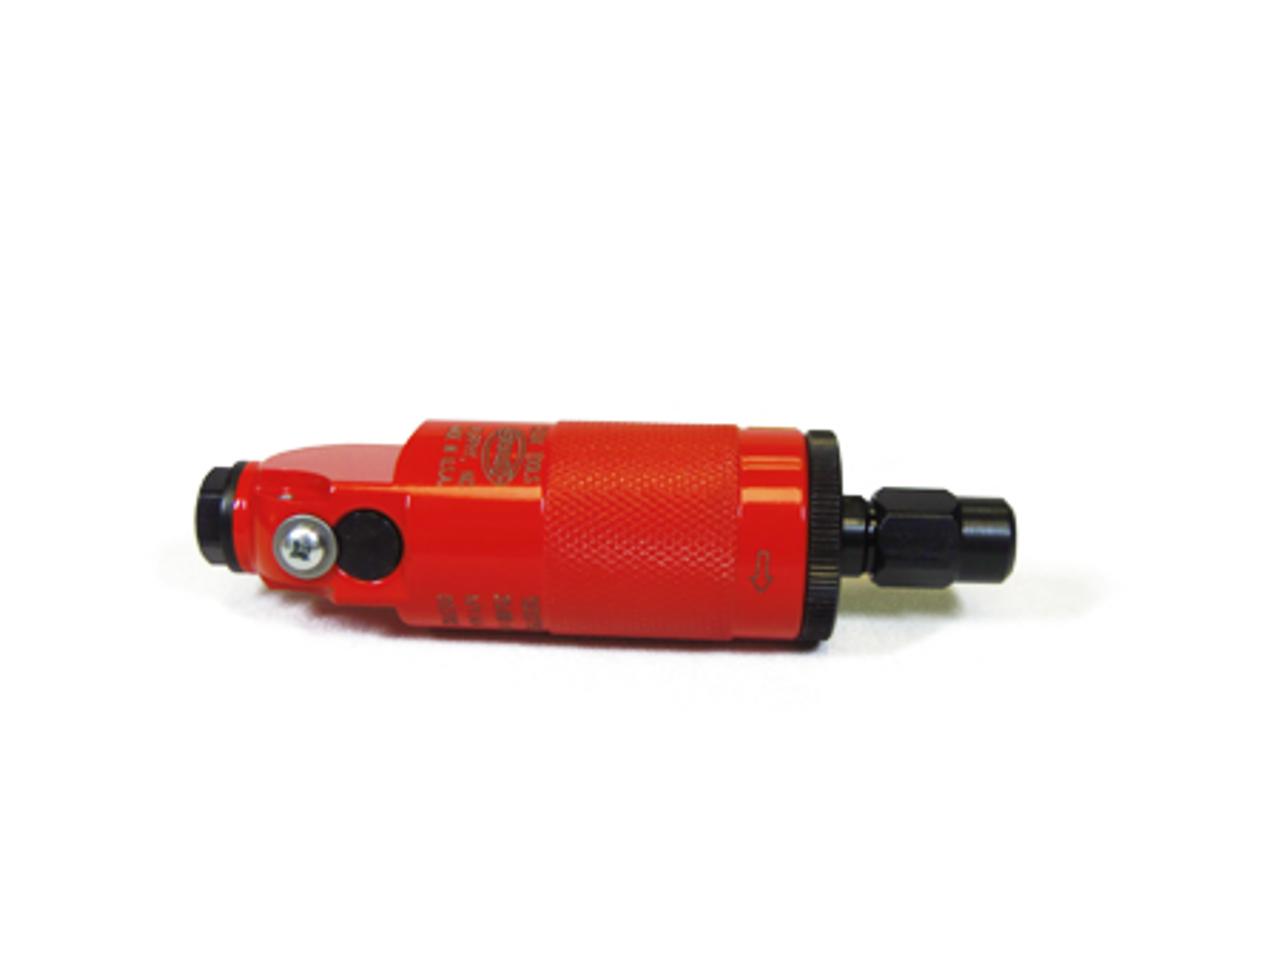 P01957 - Sioux Air Drill